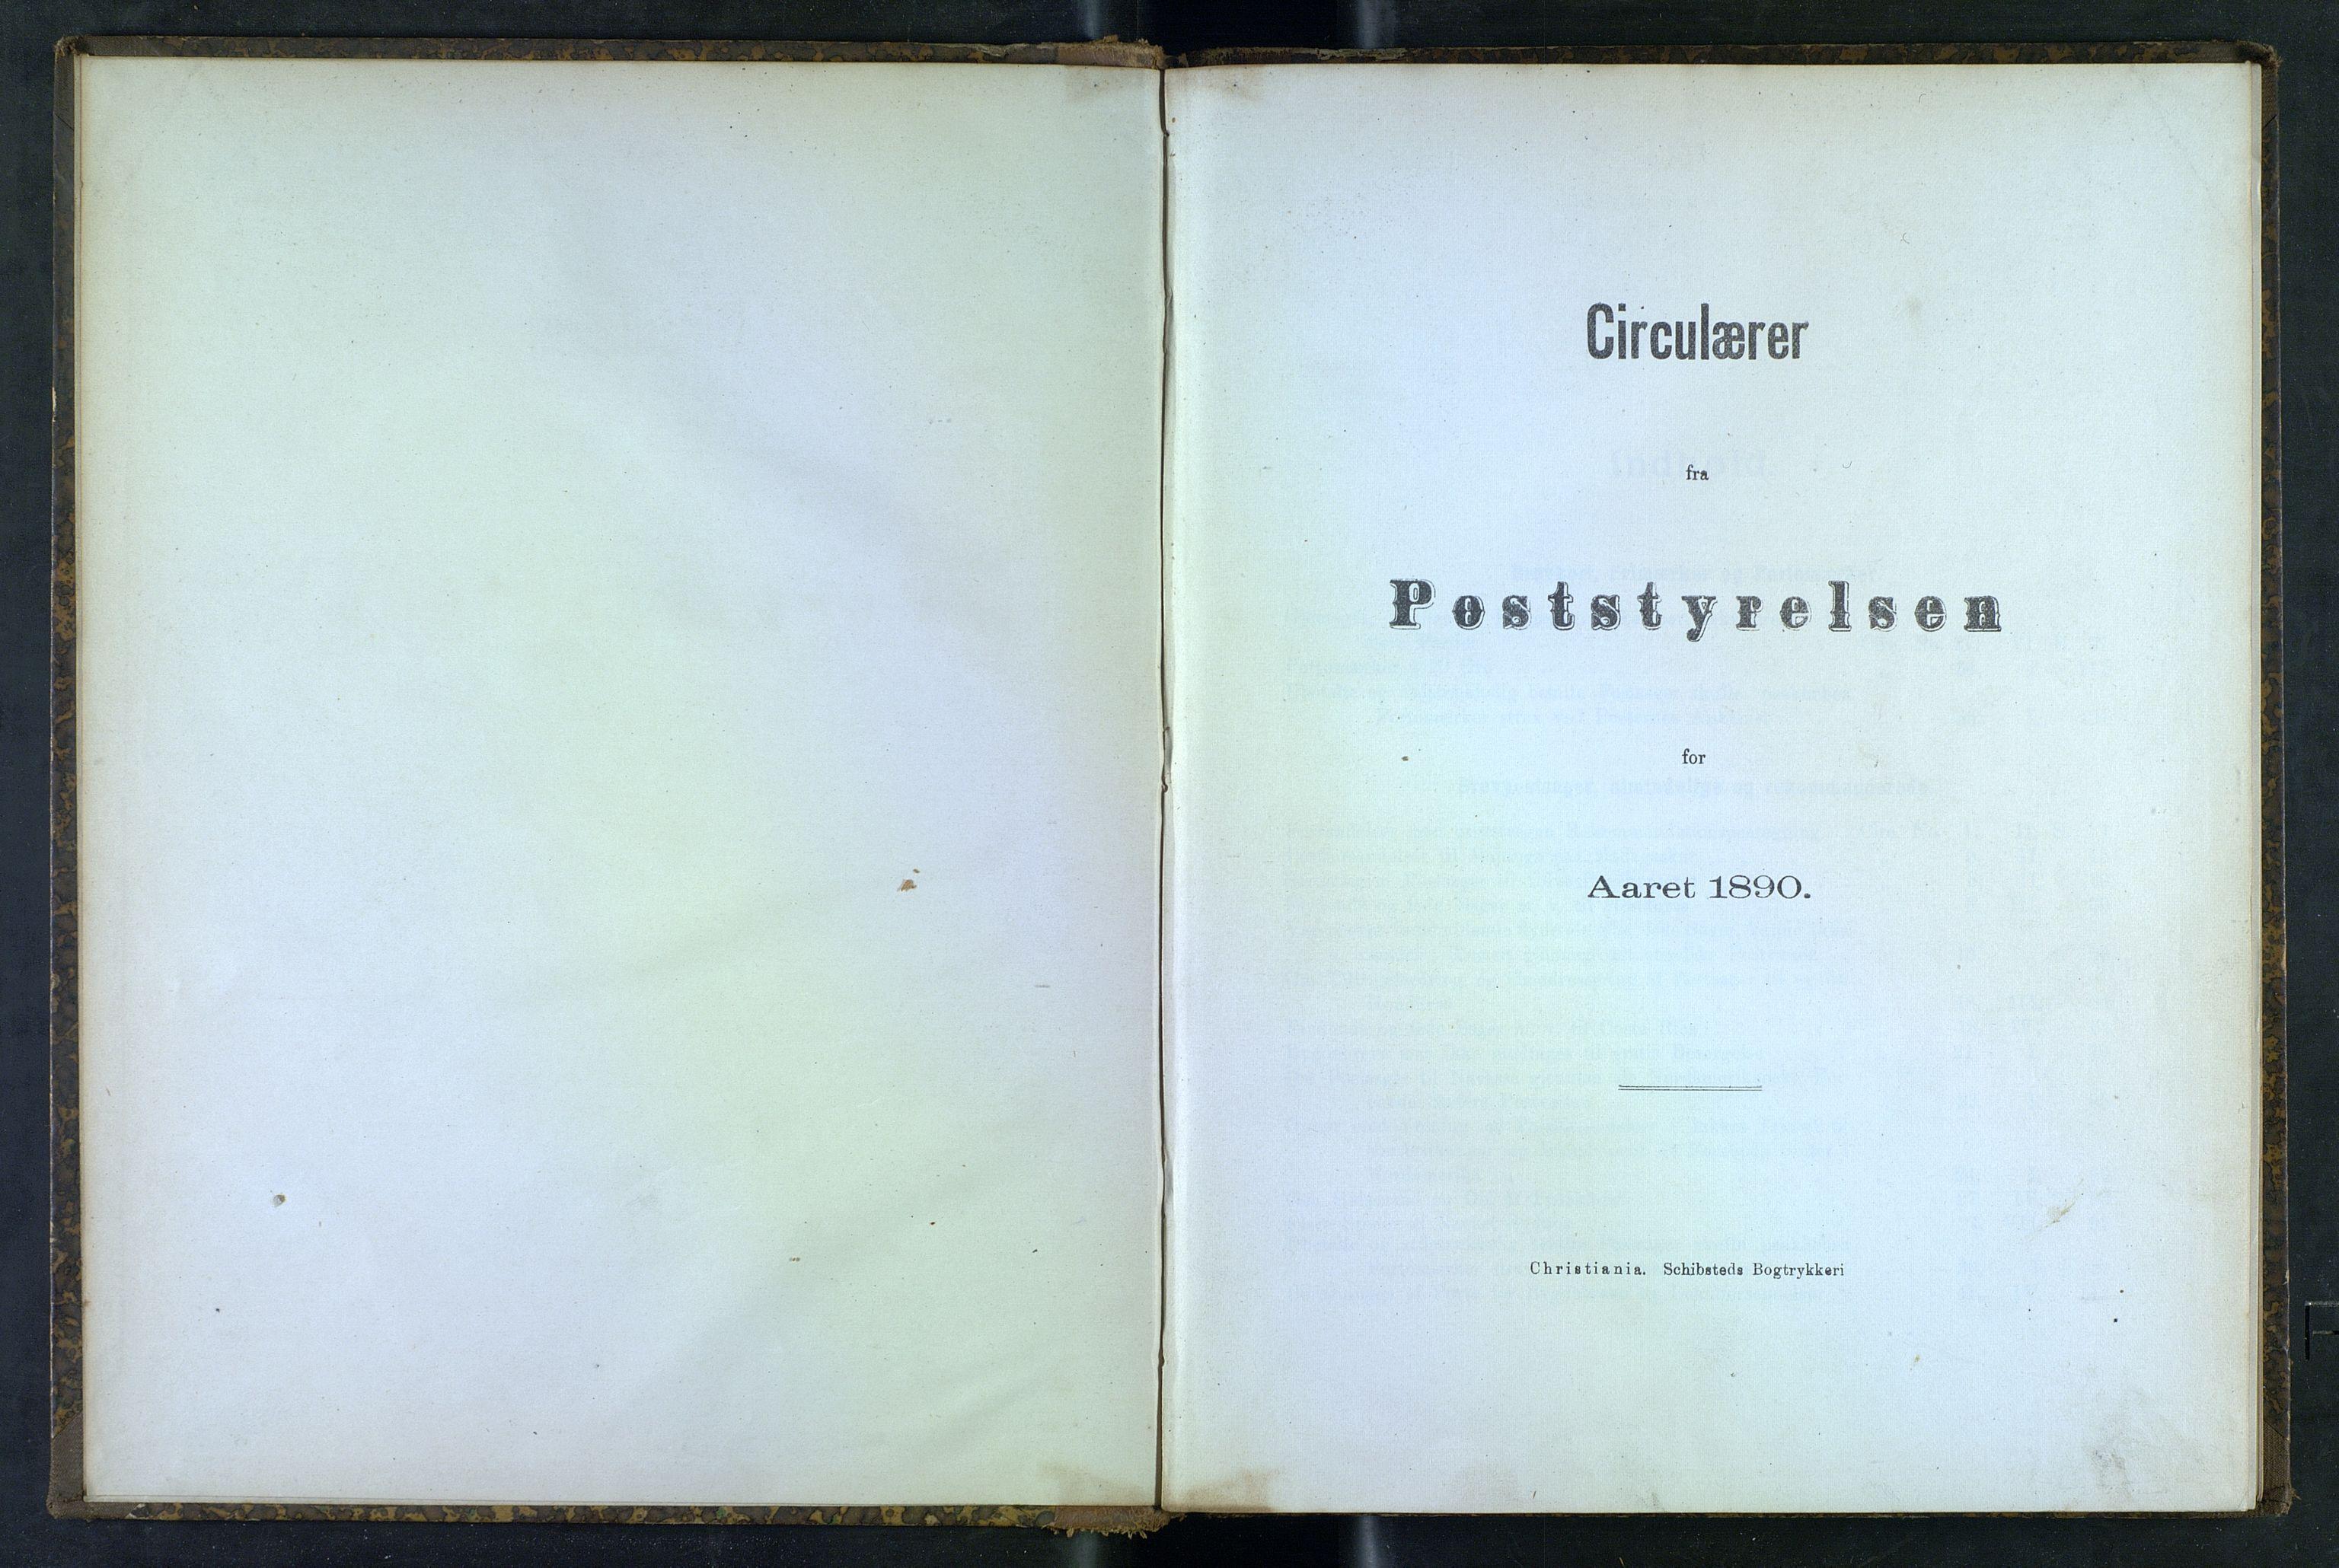 NOPO, Norges Postmuseums bibliotek, -/-: Sirkulærer fra Poststyrelsen, 1890